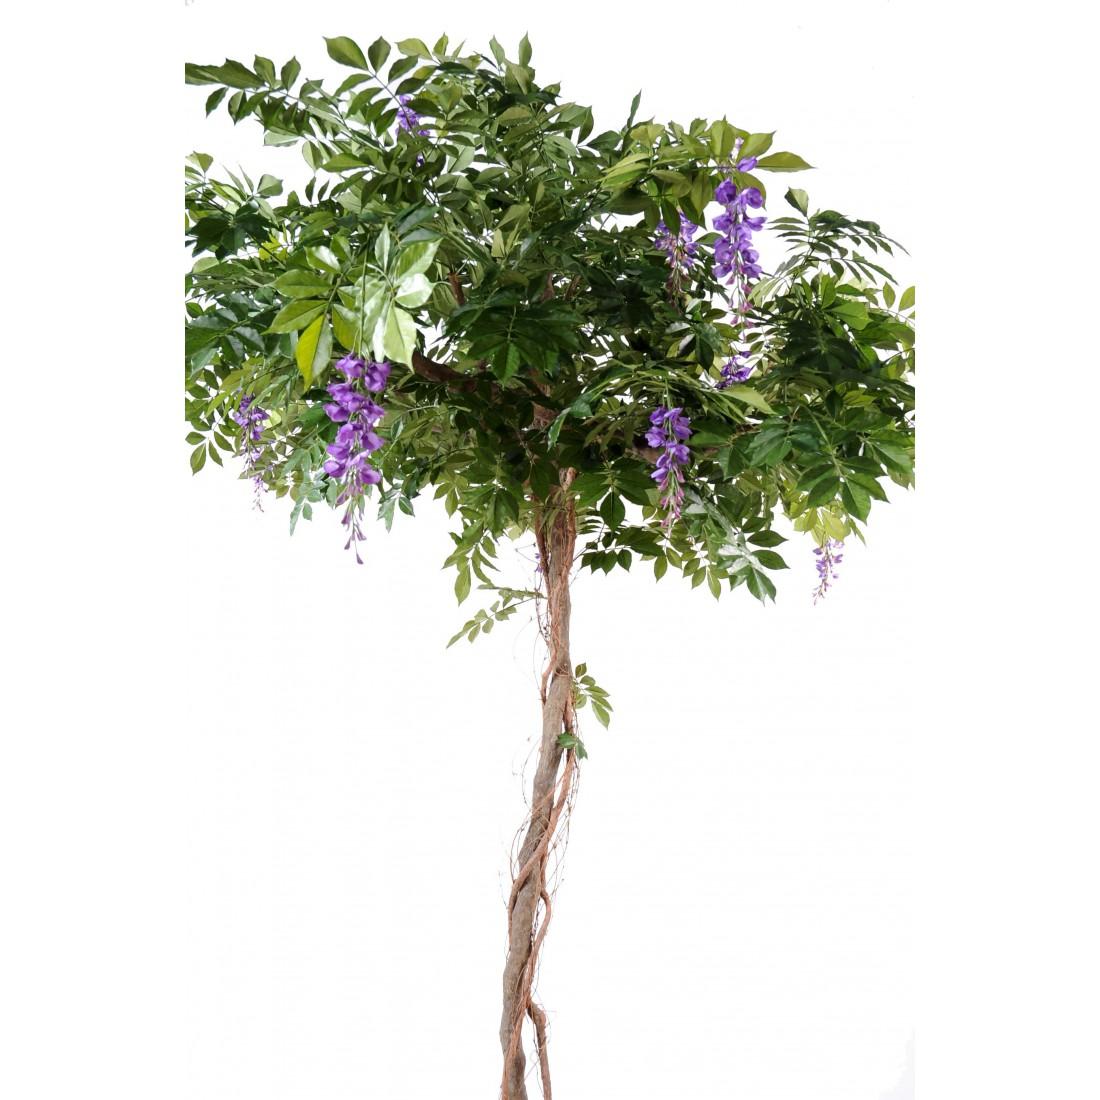 glycine artificielle round de 235 cm arbres fleuris artificiels. Black Bedroom Furniture Sets. Home Design Ideas